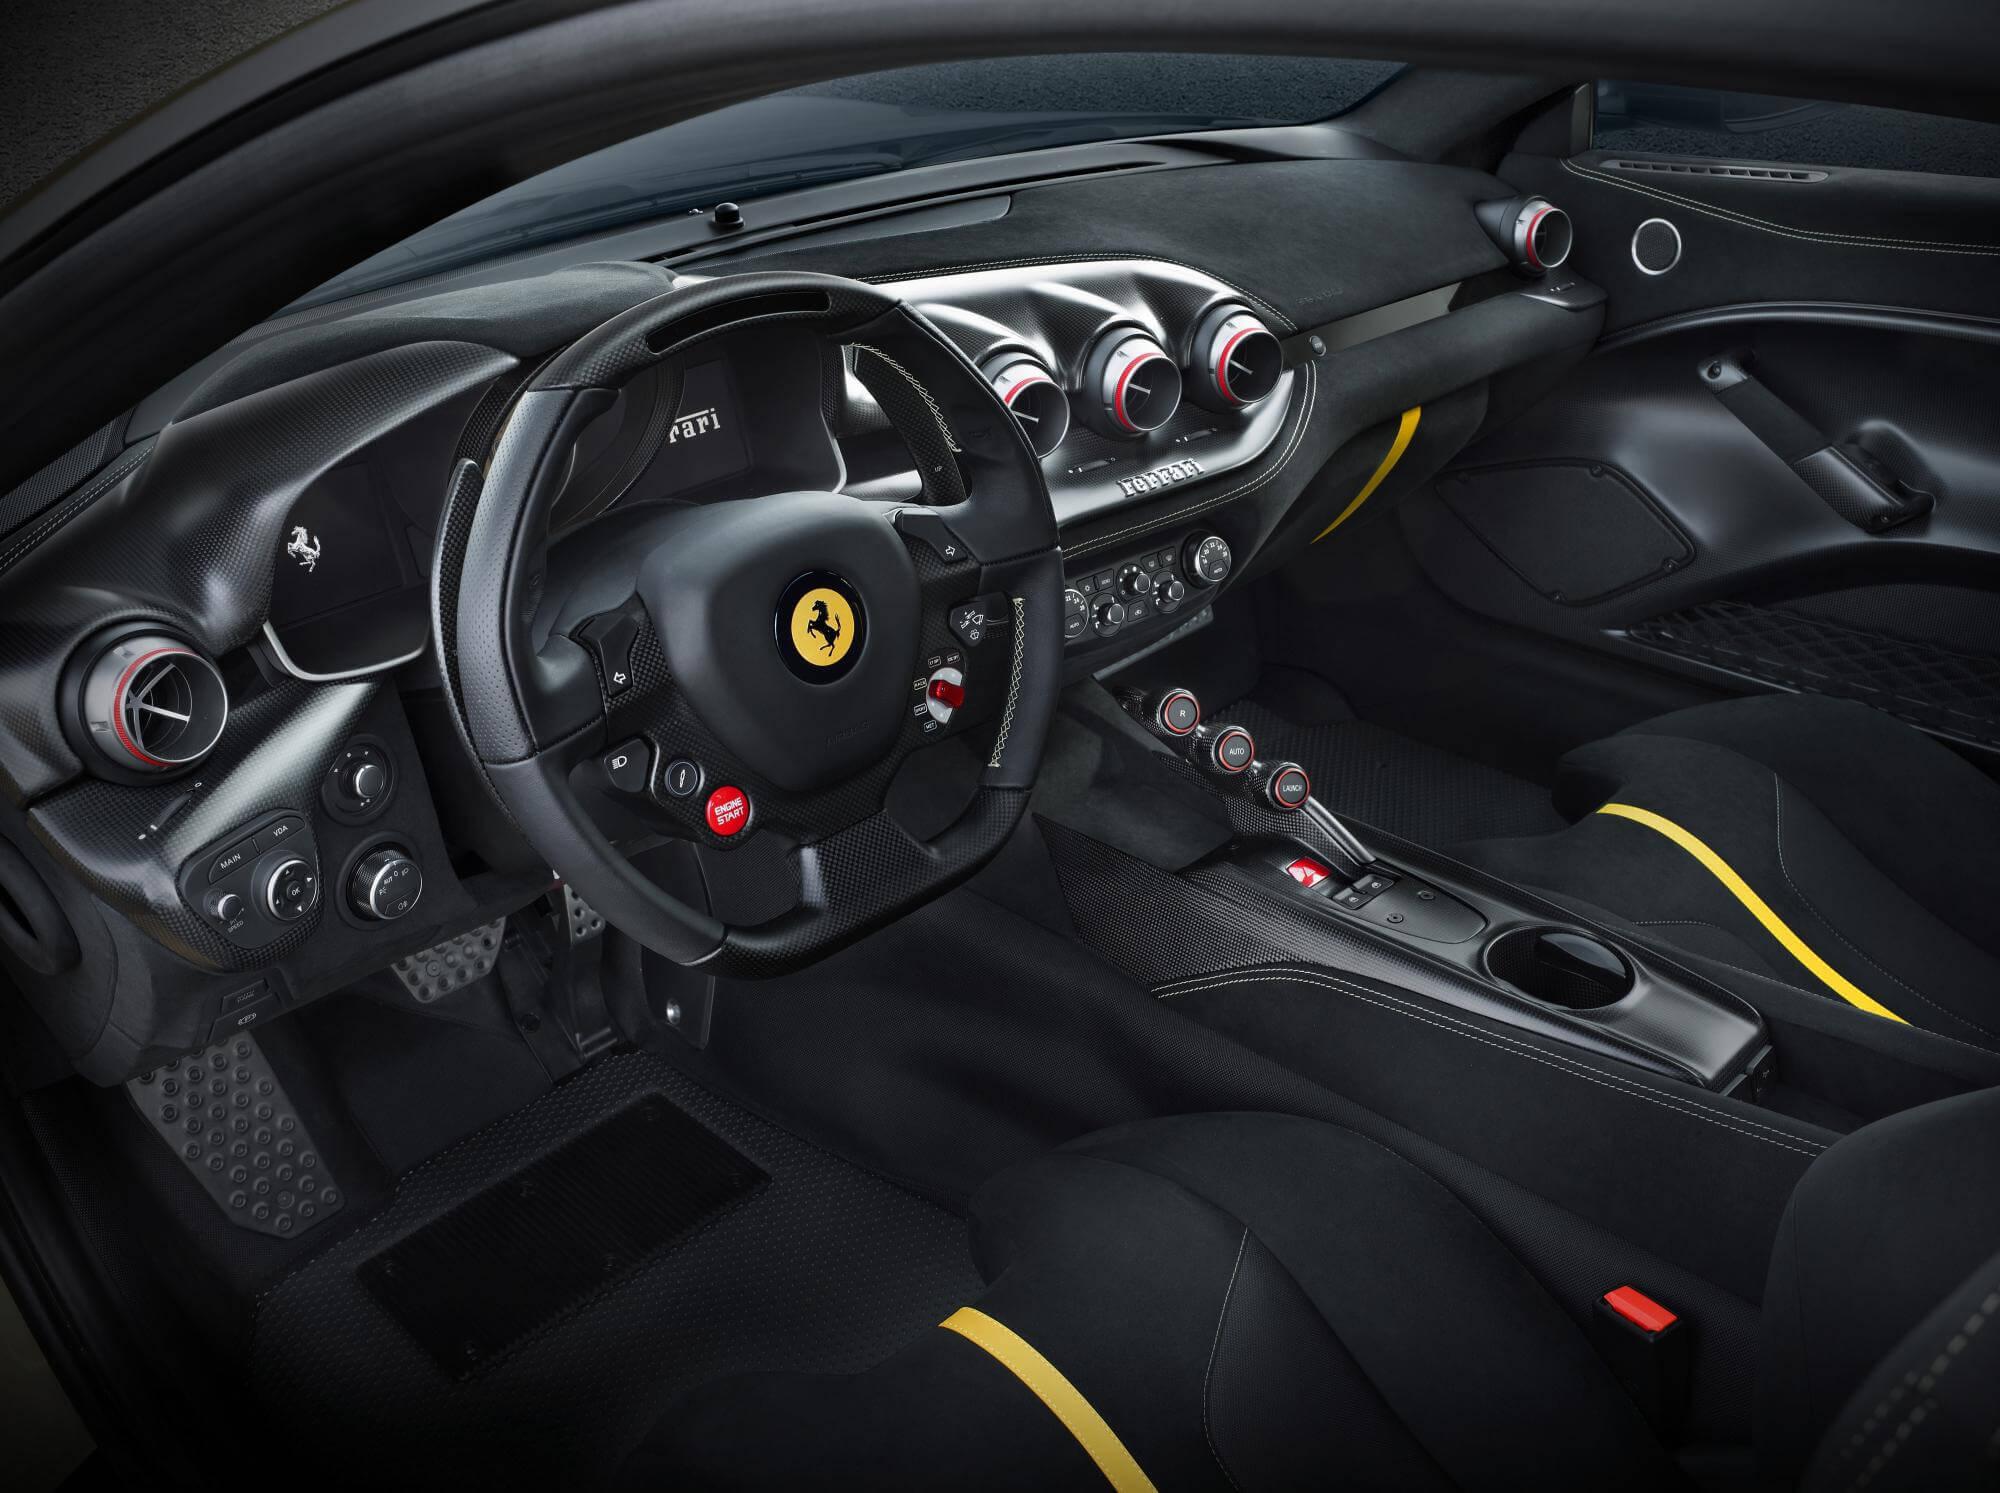 Ferrari F12 TDF: interior